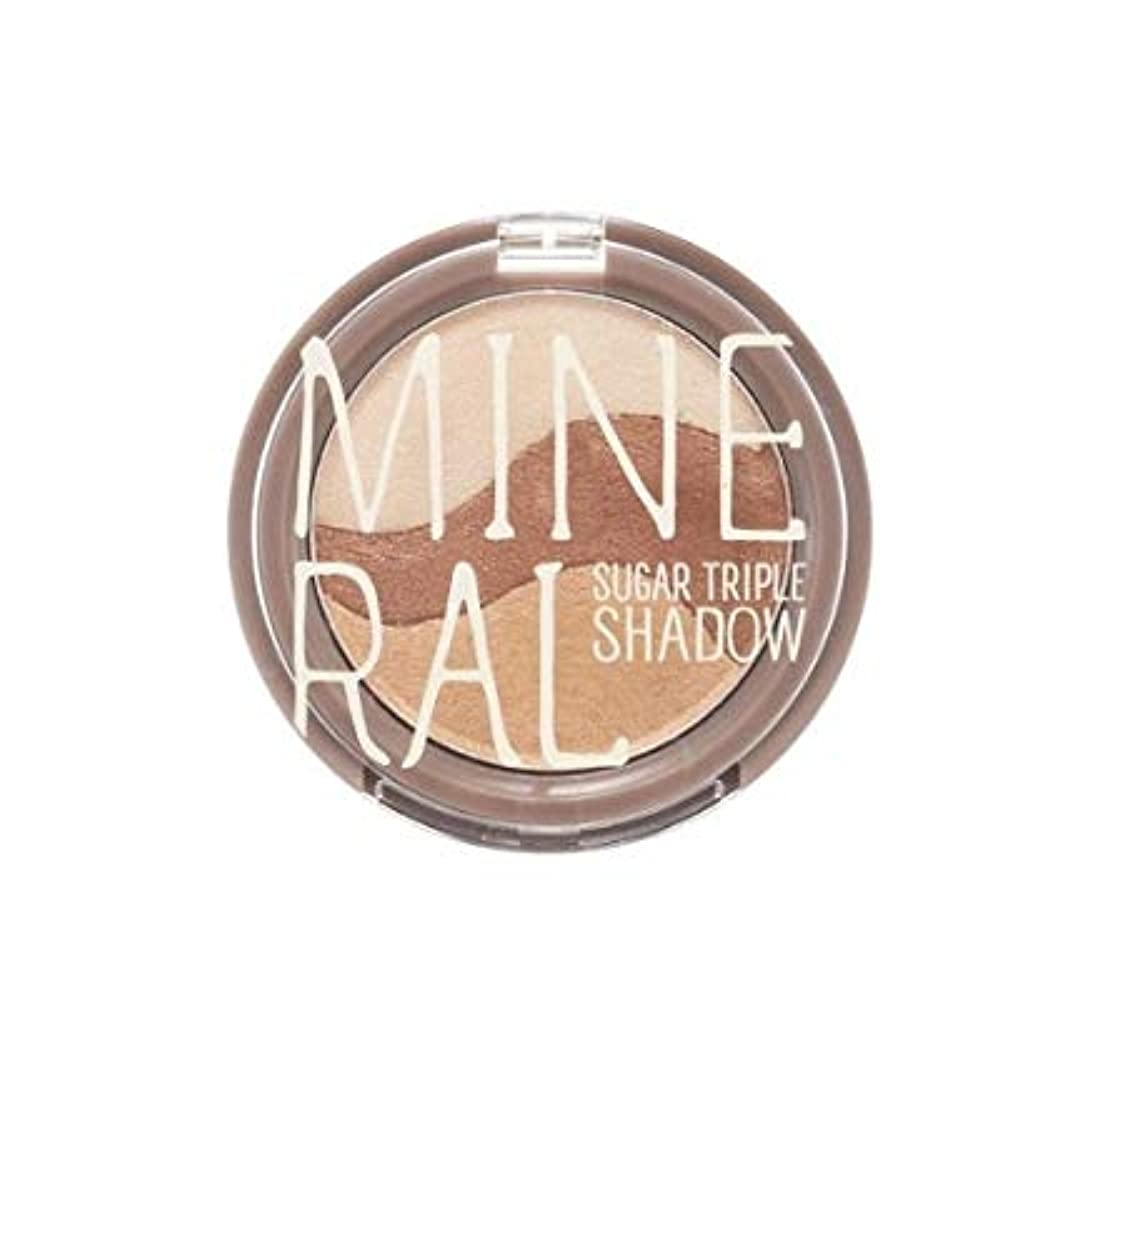 荒れ地ピアース天才Skinfood ミネラルシュガートリプルシャドウ#1ゴールデンブラウン / Mineral Sugar Triple Shadow #1 Golden Brown 3.8g [並行輸入品]